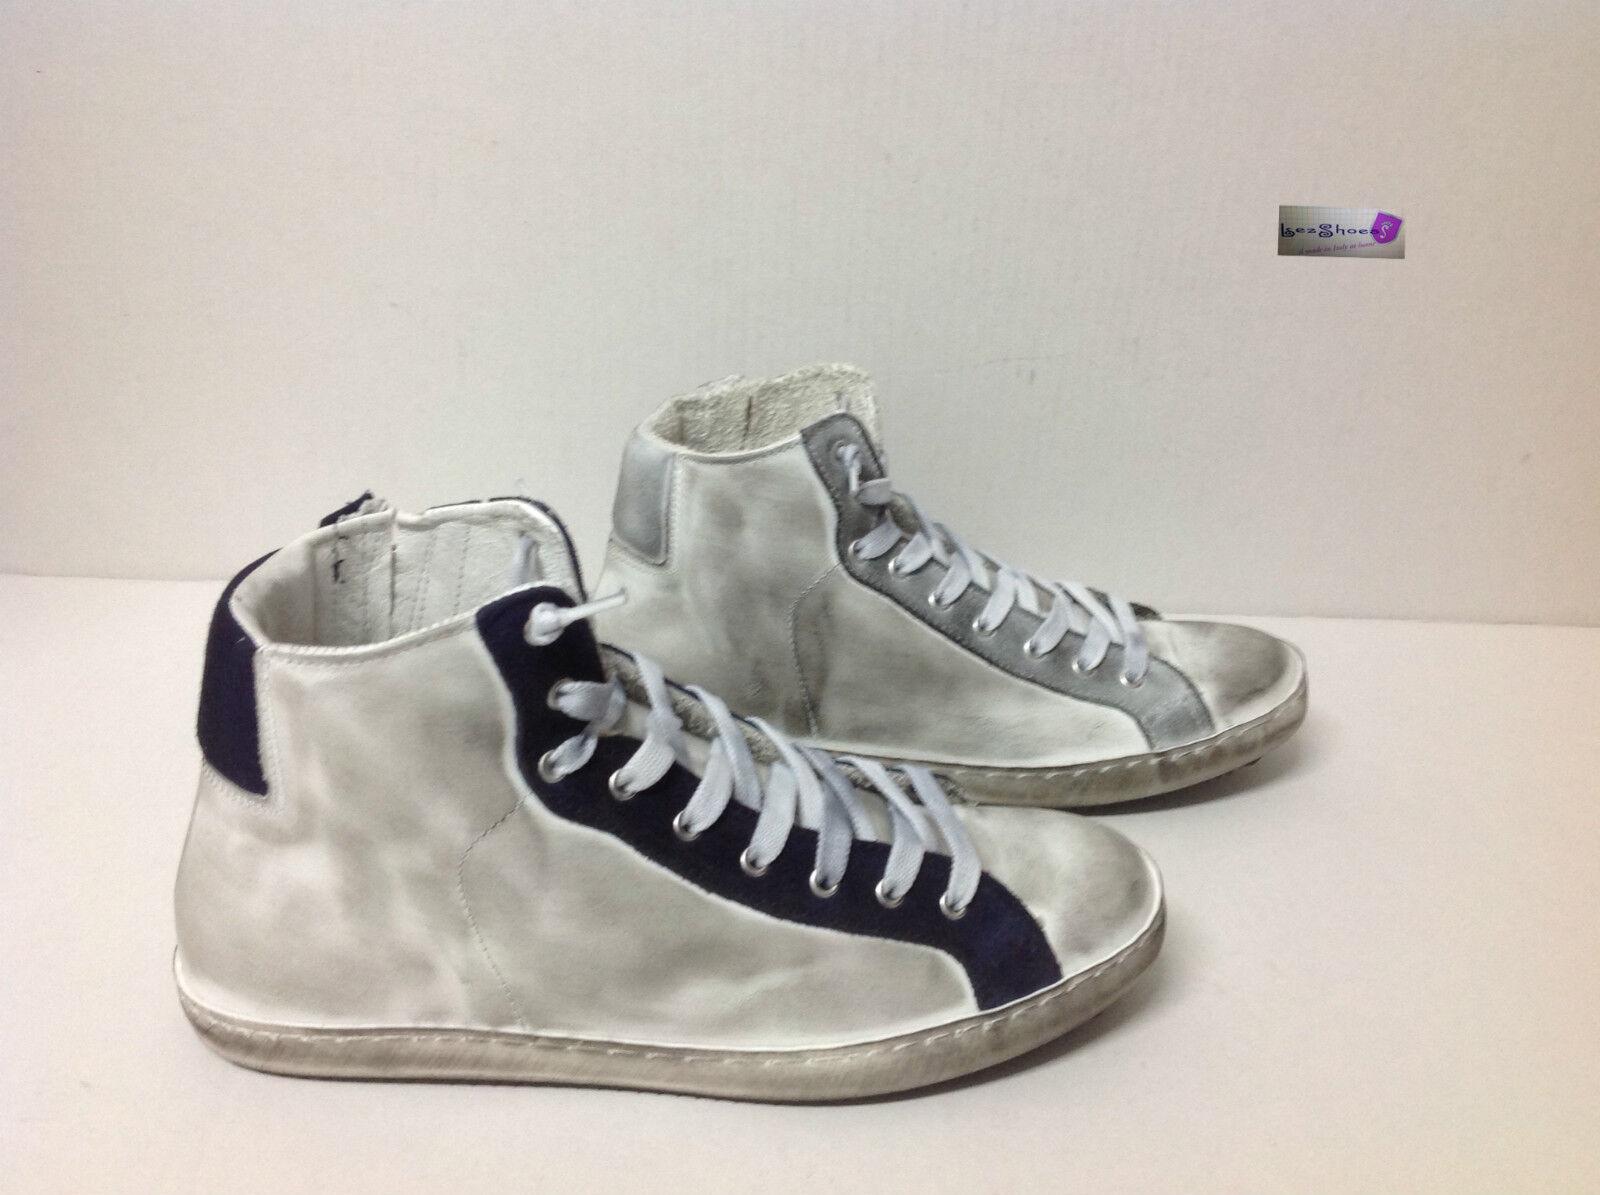 Scarpe bianco uomo sneakers alte stivaletto vera pelle bianco Scarpe ghiaccio blu Via Condotti 592092